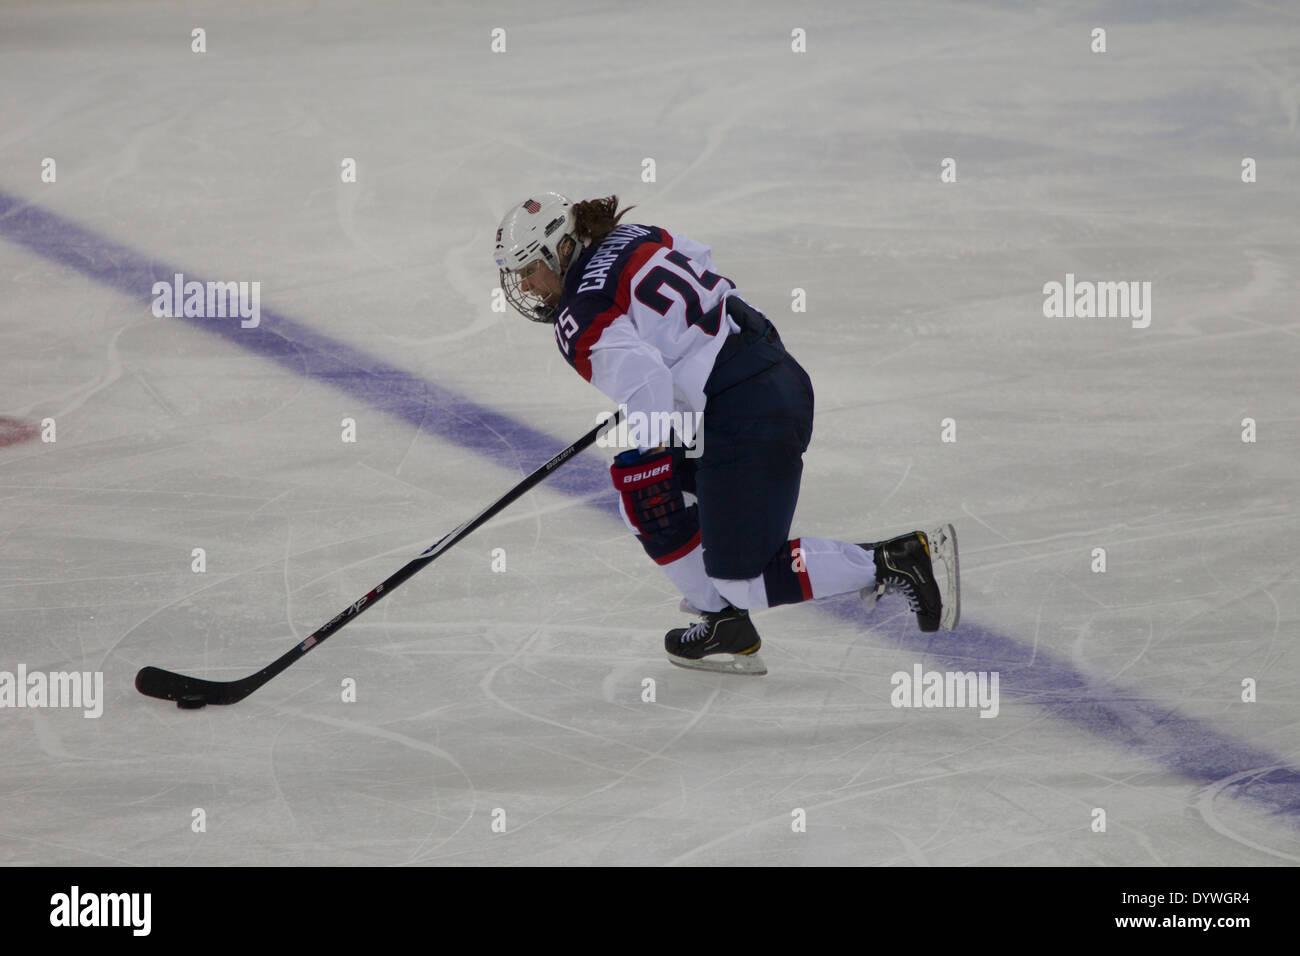 Alex Carpenter (USA), USA-Canada femminile di Hockey su ghiaccio presso i Giochi Olimpici Invernali, Sochi 2014 Immagini Stock